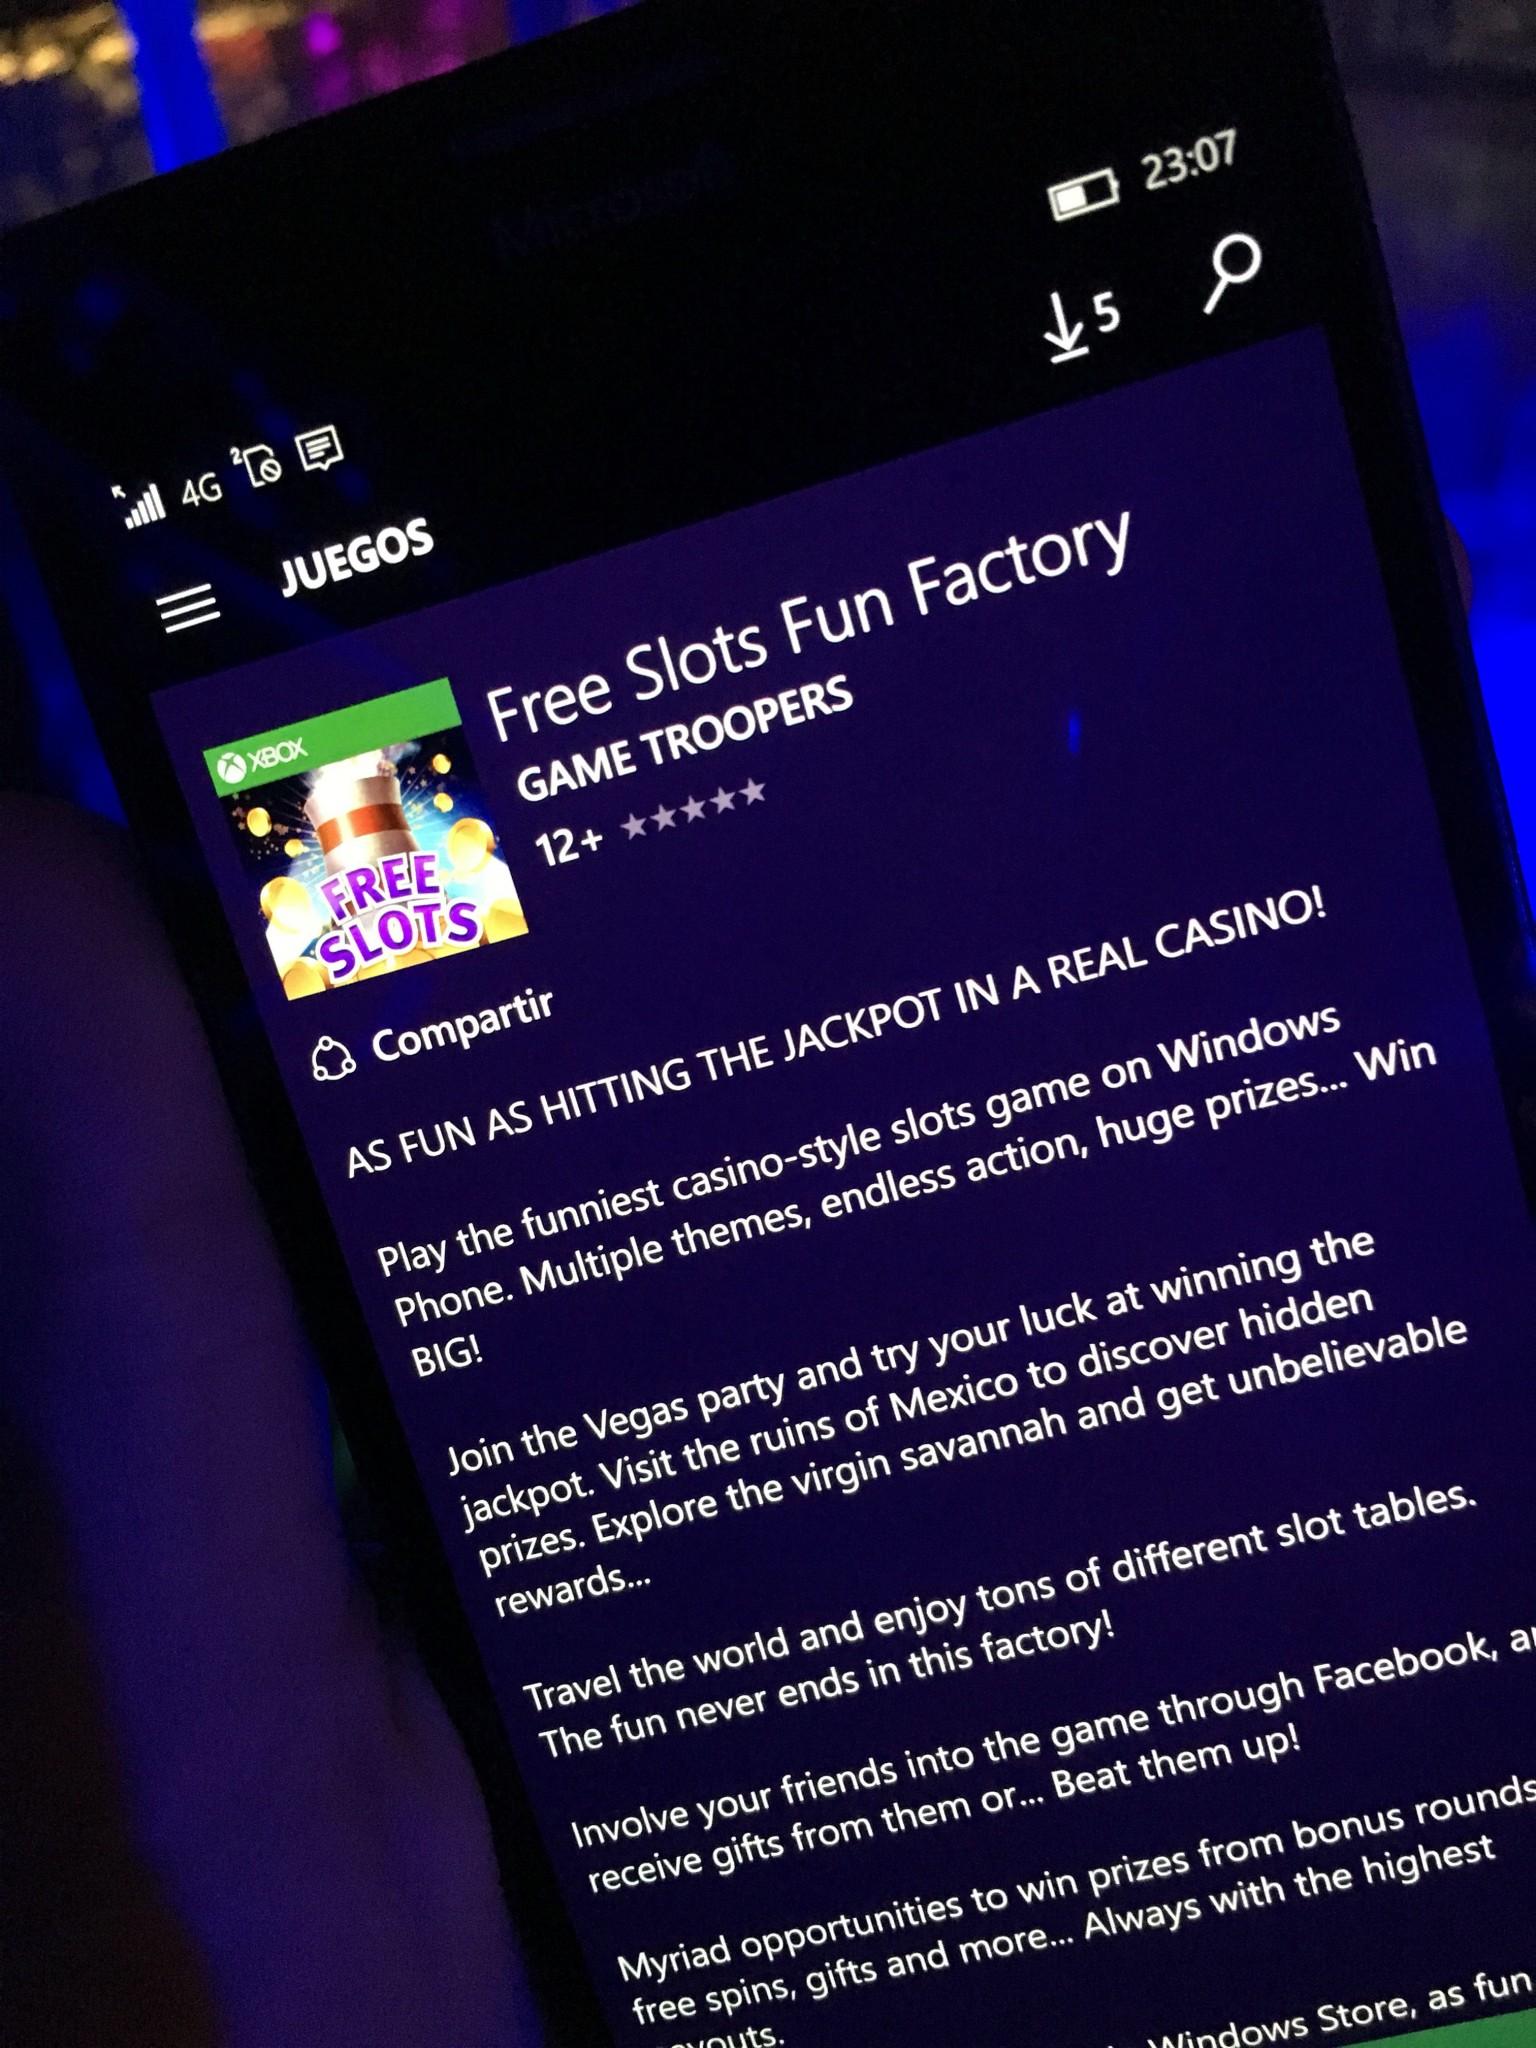 Game troopers nos presenta su nuevo juego Xbox, Free Slots Fun Factory